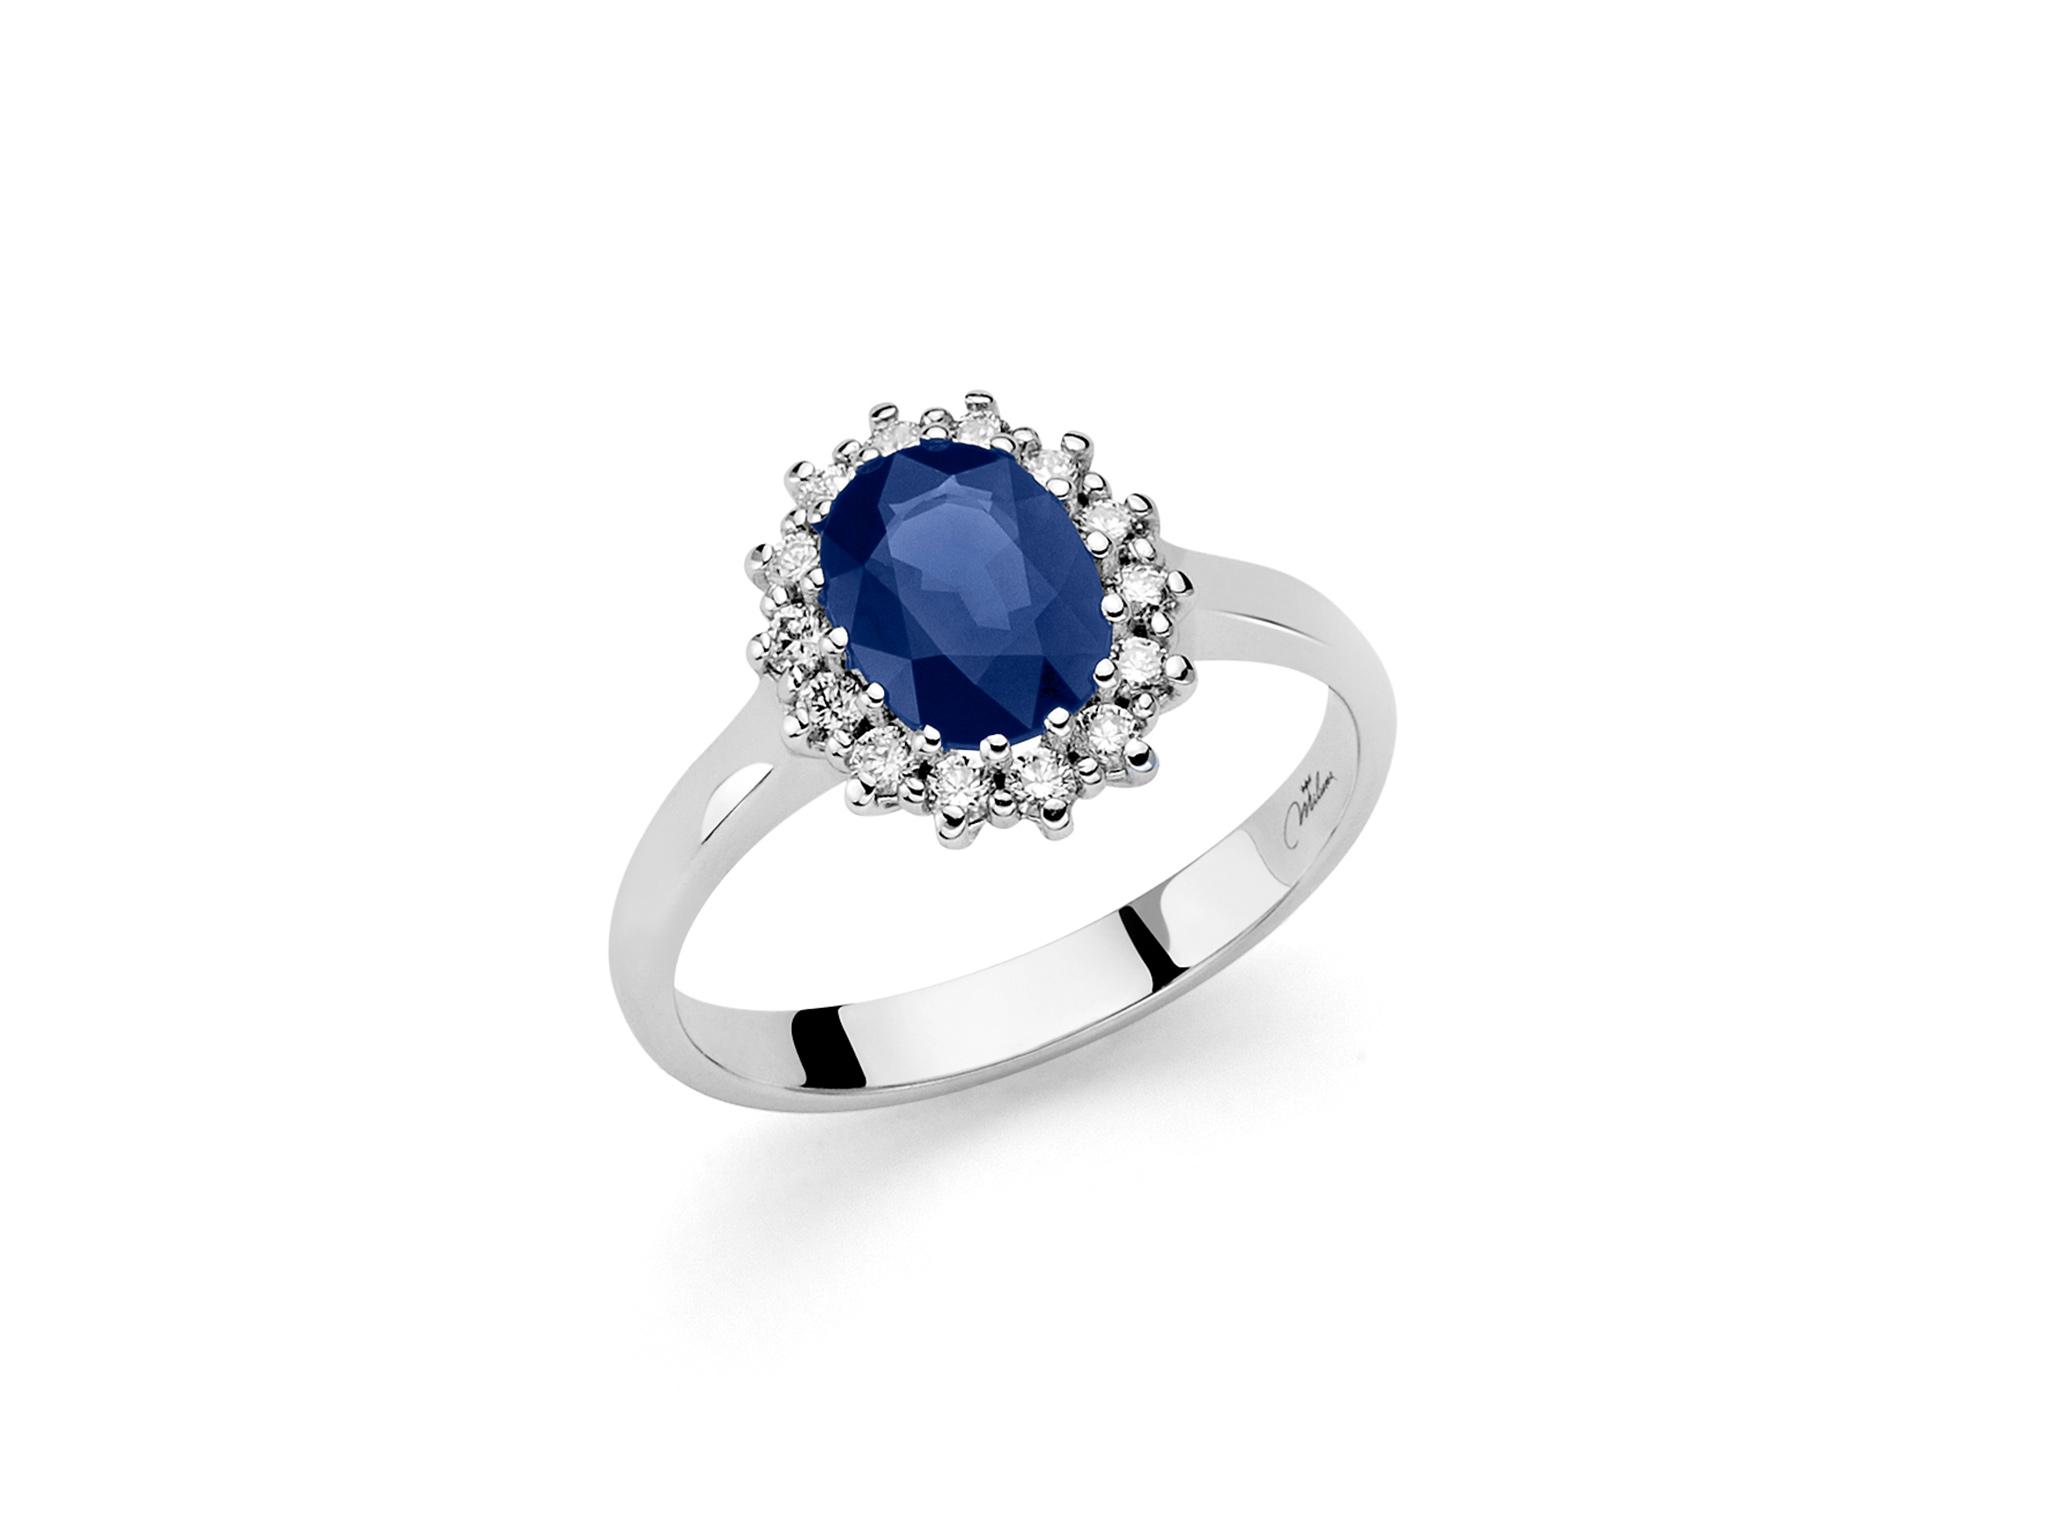 Anello oro, diamanti e zaffiro - LID3284